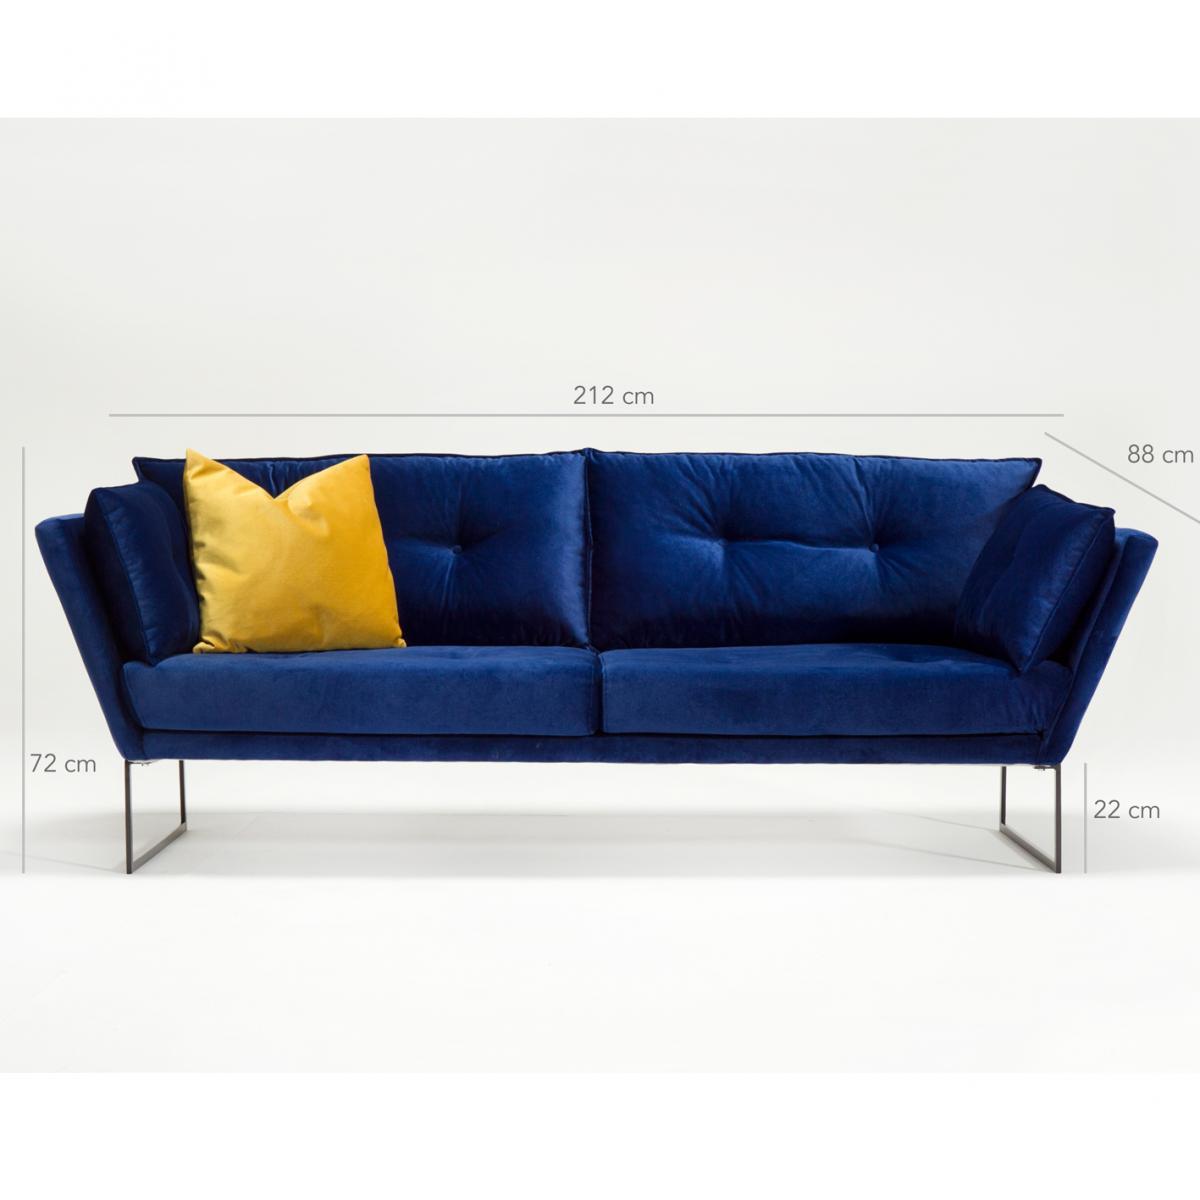 ספה תלת Relax בד קטיפטי כחול מסדרת Evdebiz